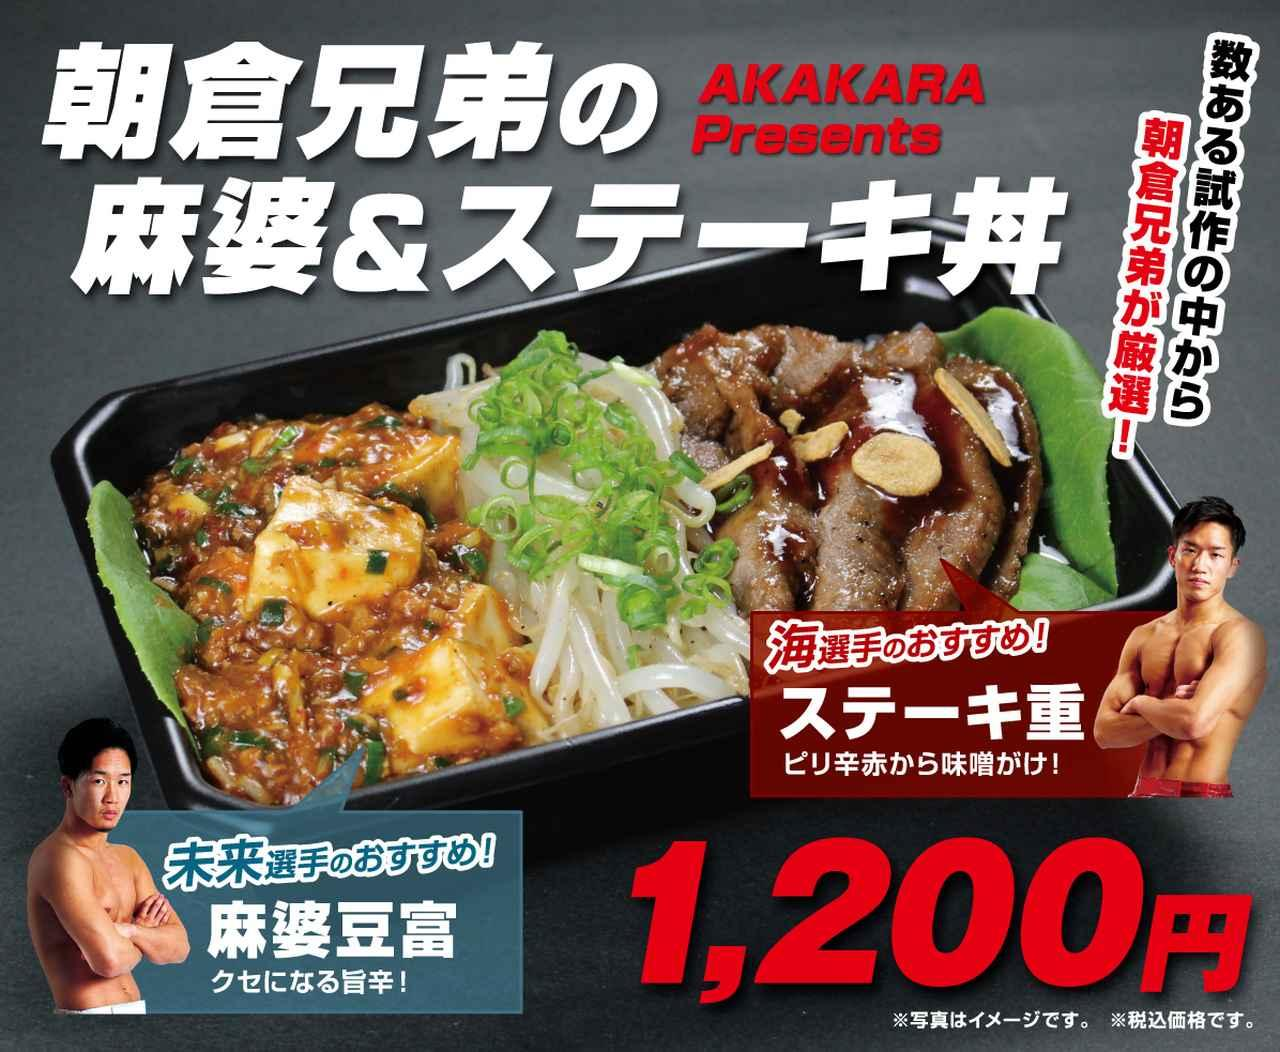 画像: 「朝倉兄弟の麻婆&ステーキ丼」詳細